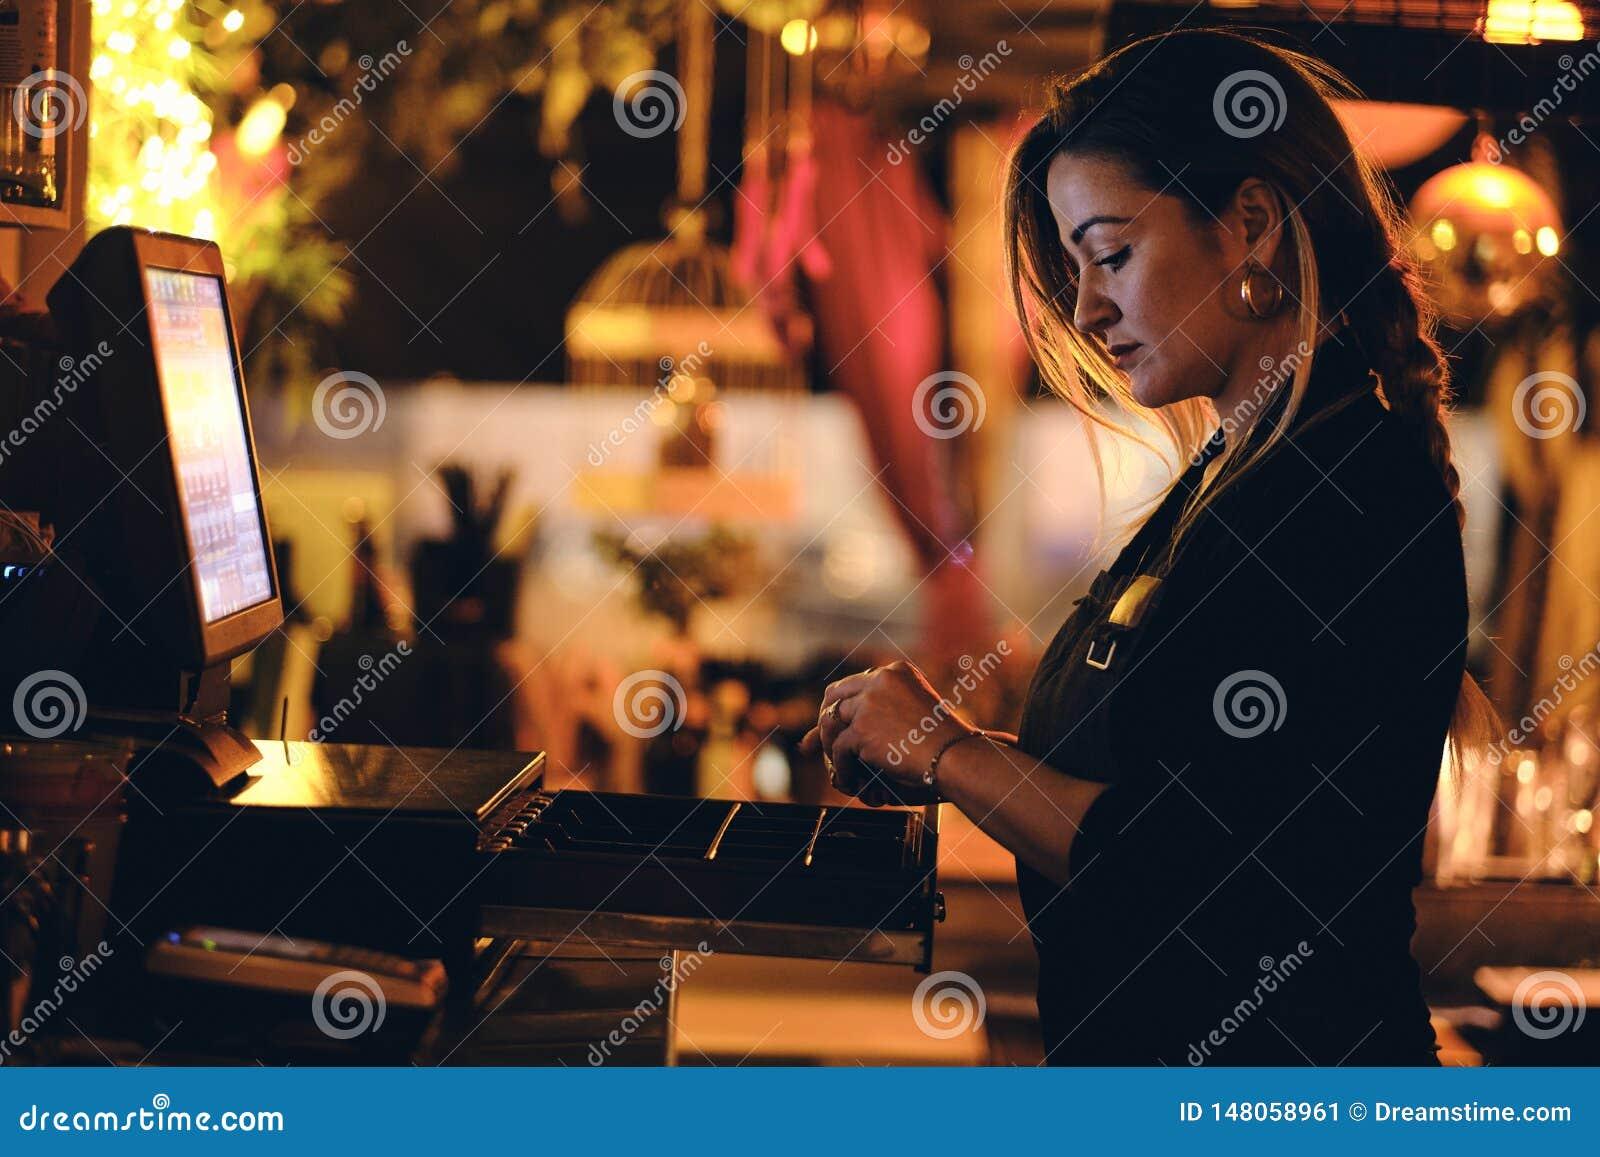 Een mooie jonge vrouw bij het bureau in een restaurant